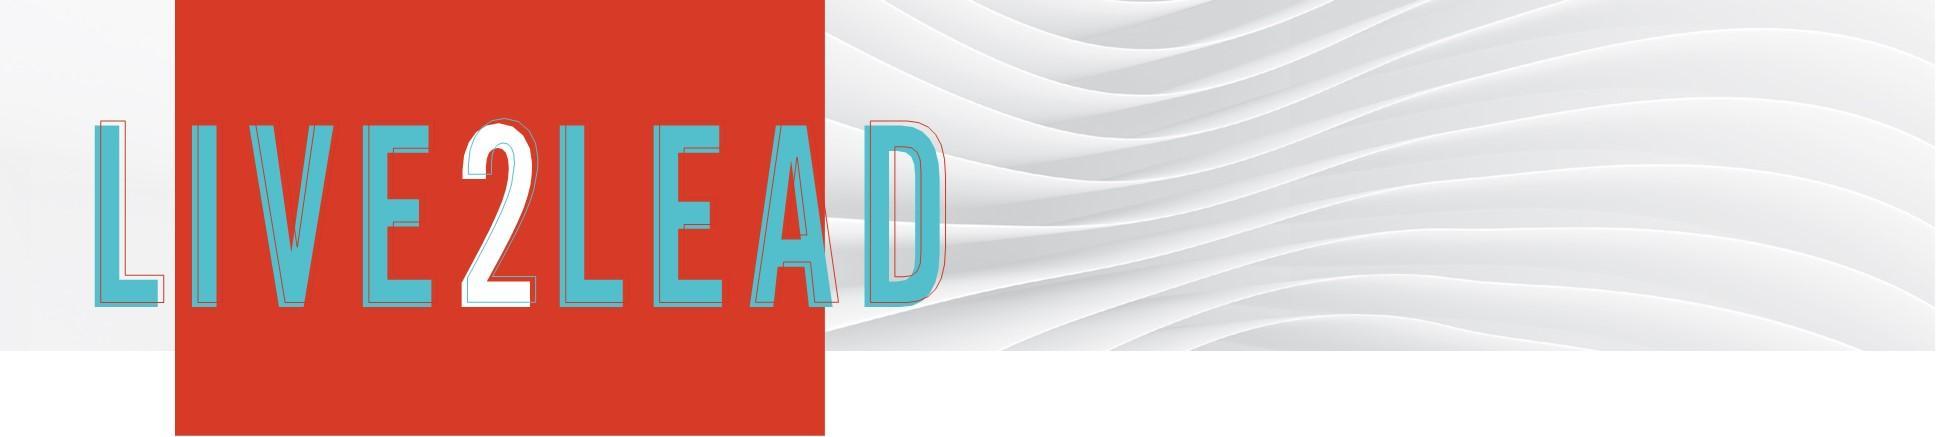 Live2Lead - El Paso